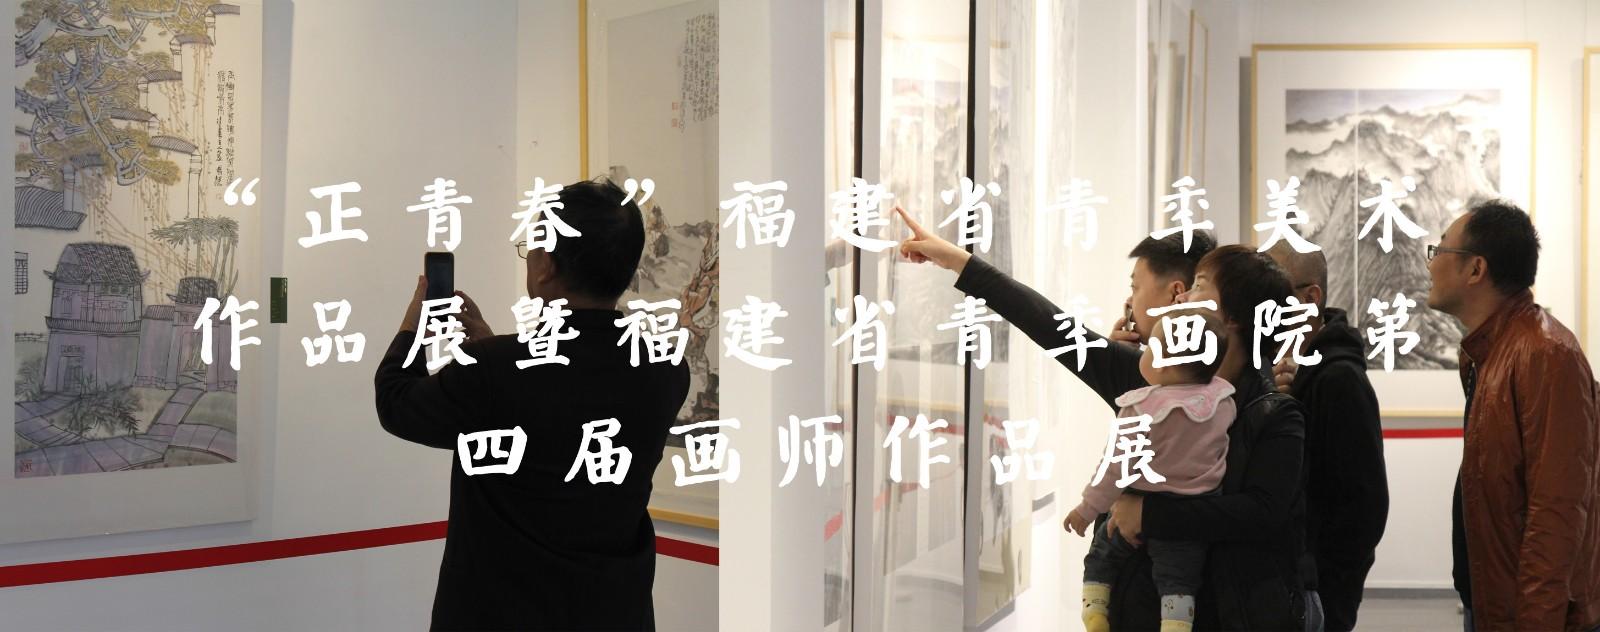 """""""正青春""""福建省青年美术作品展暨福建省青年画院第四届画师作品展"""